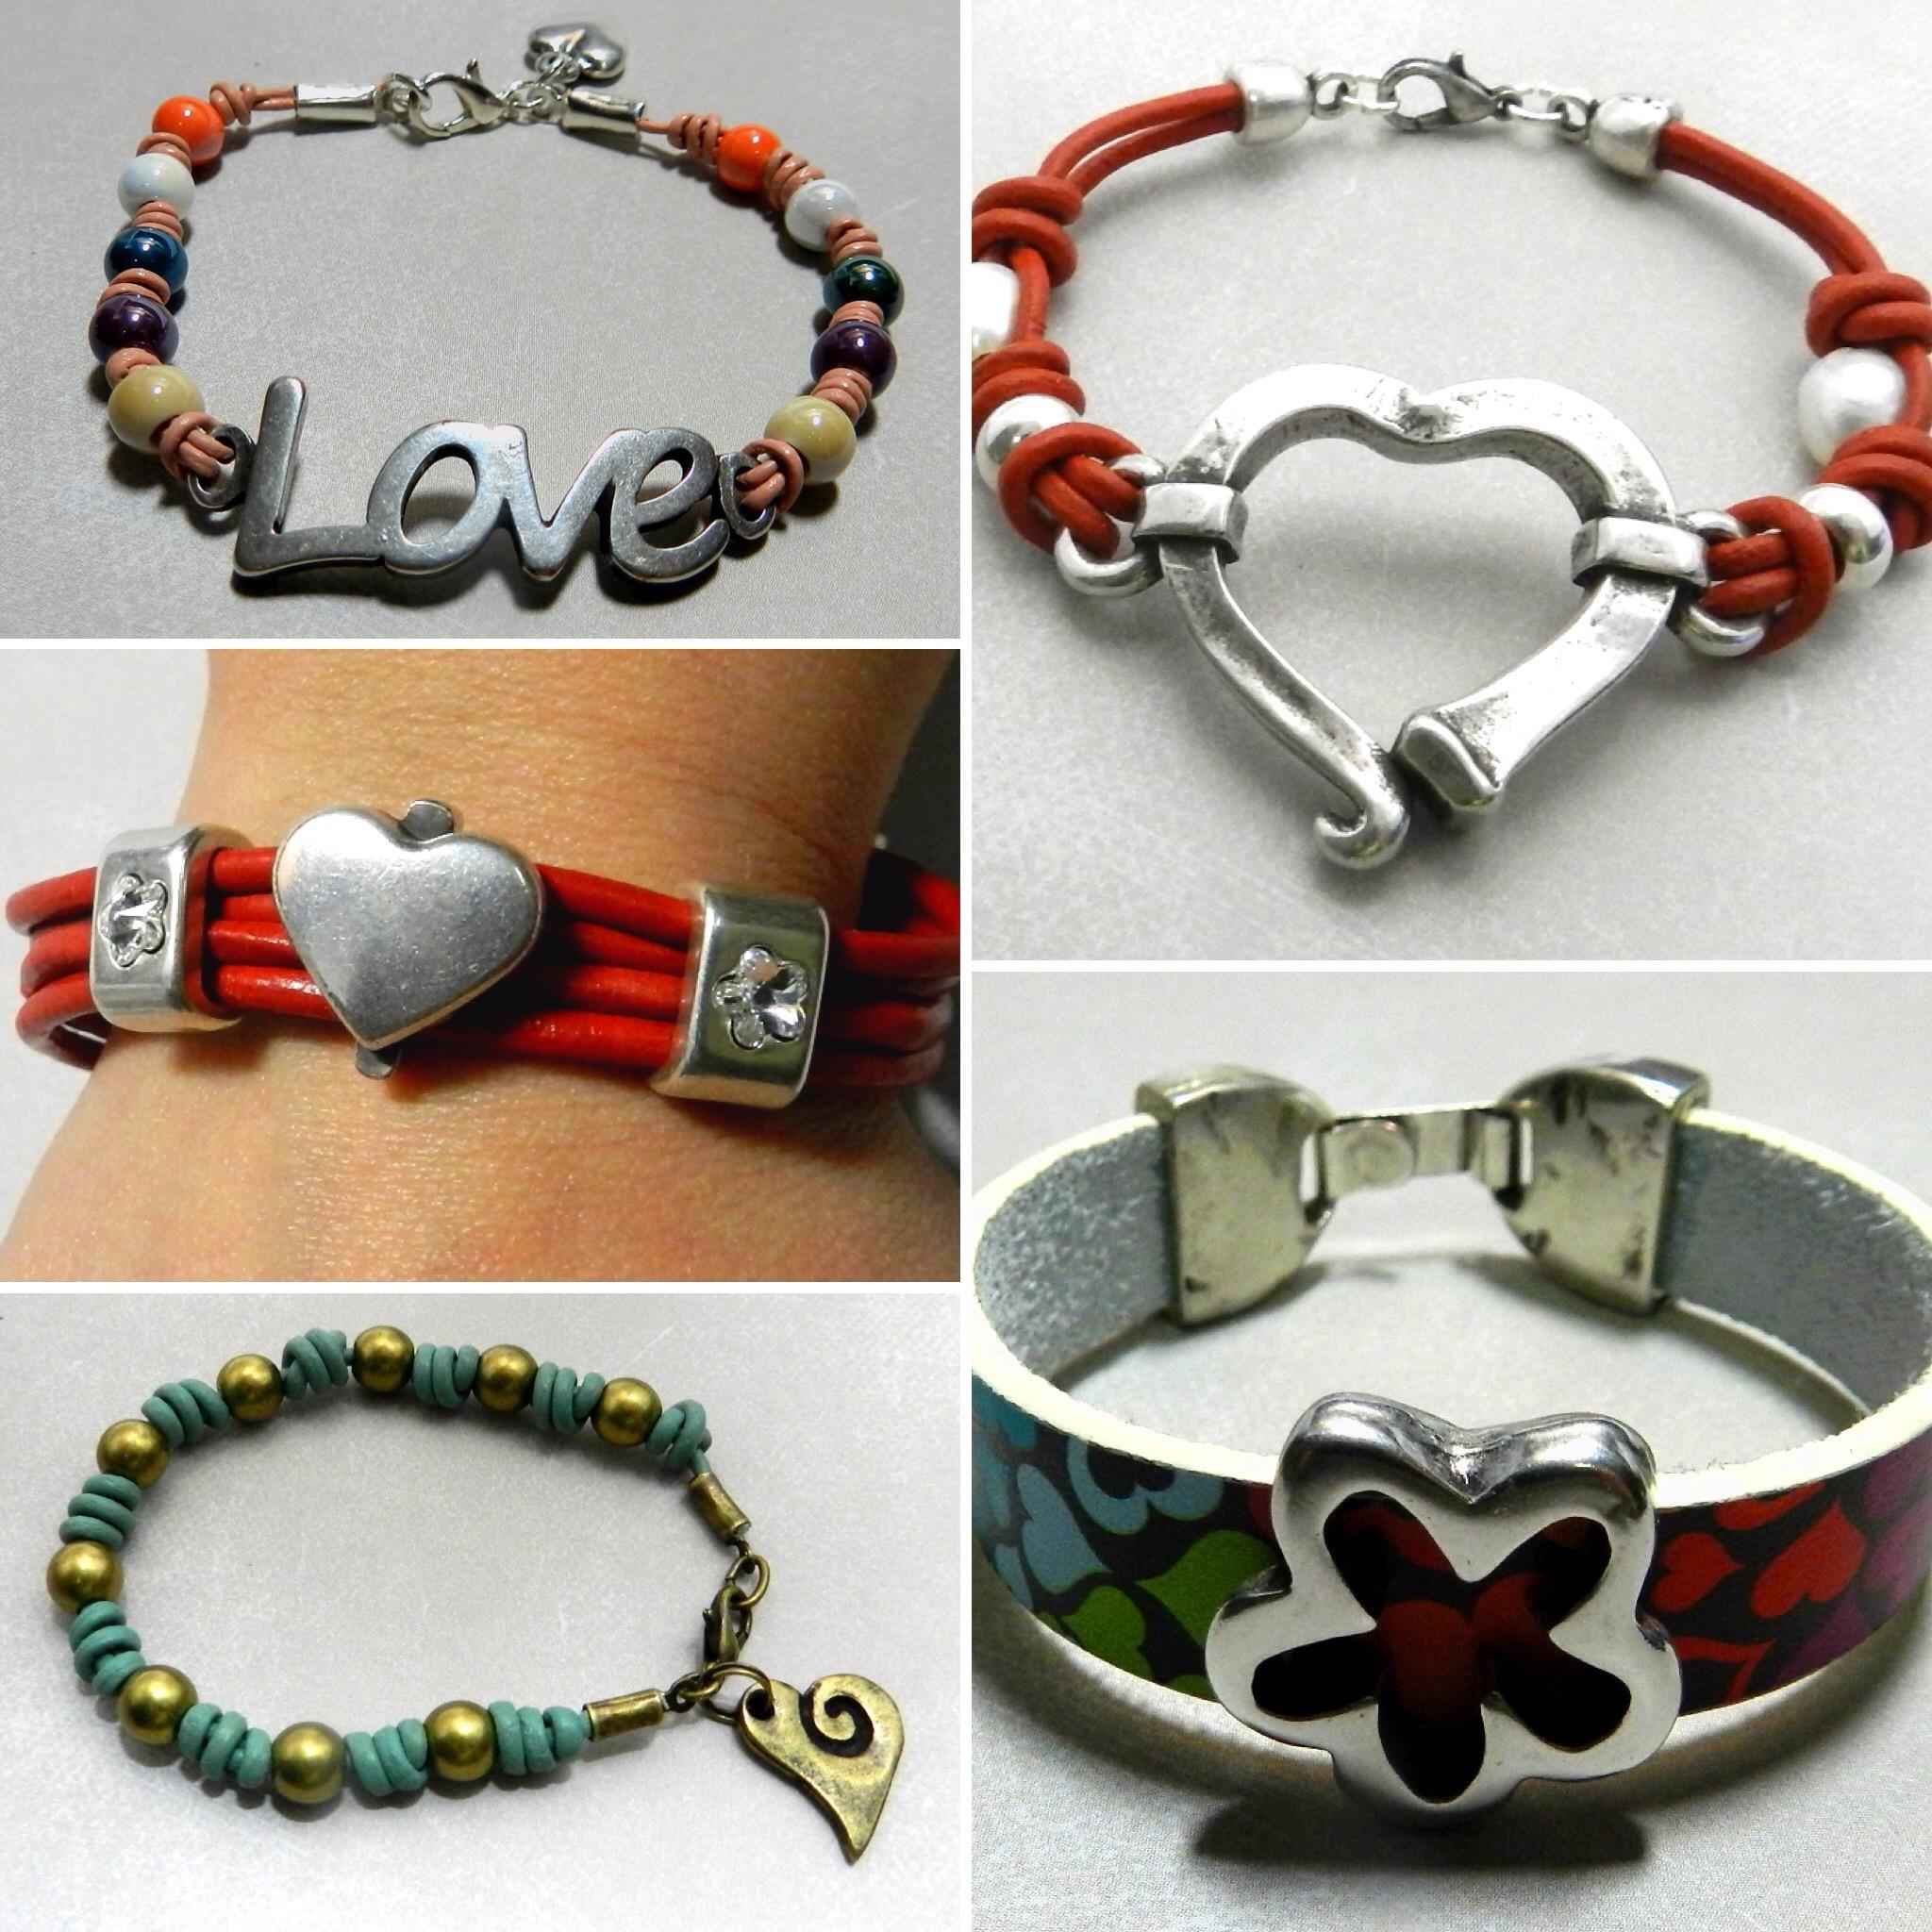 Ejemplos de creación de abalorios: pulseras